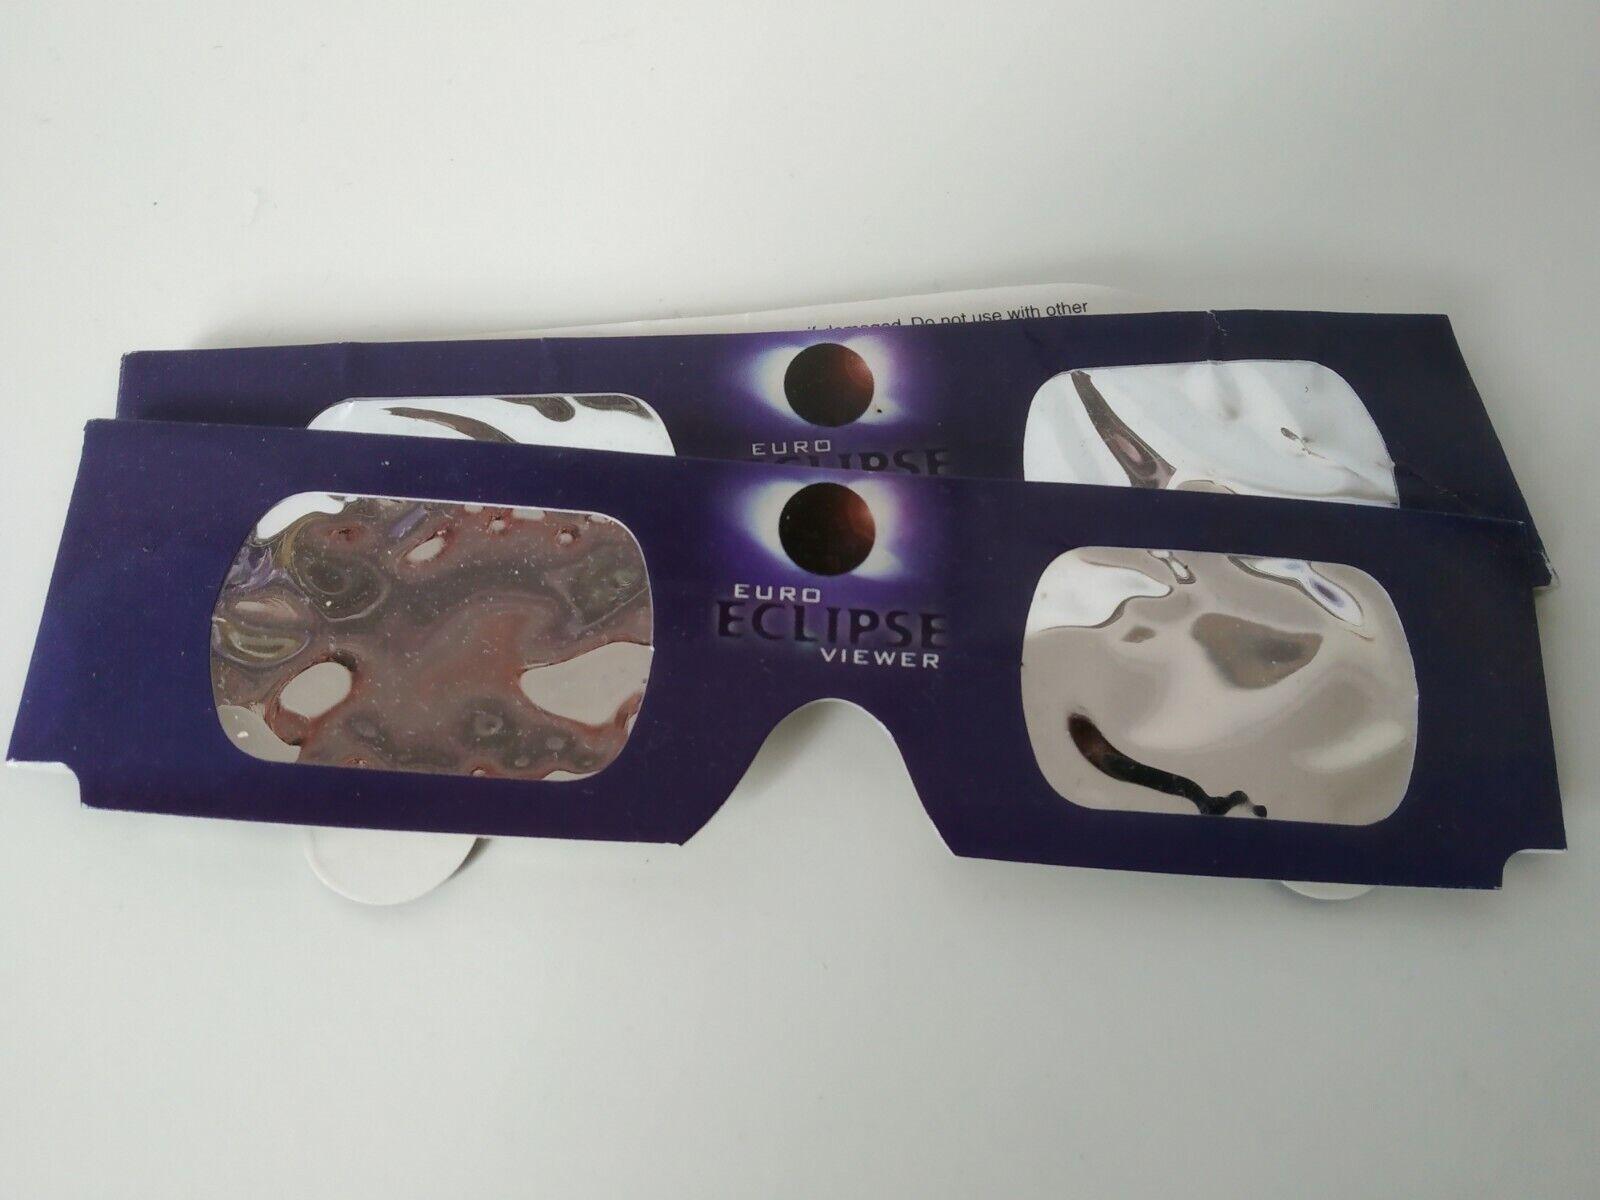 Euro Eclipse Viewer Sonnenfinsternis Sofi Brille Astro Solar Sonnenschutz Neu